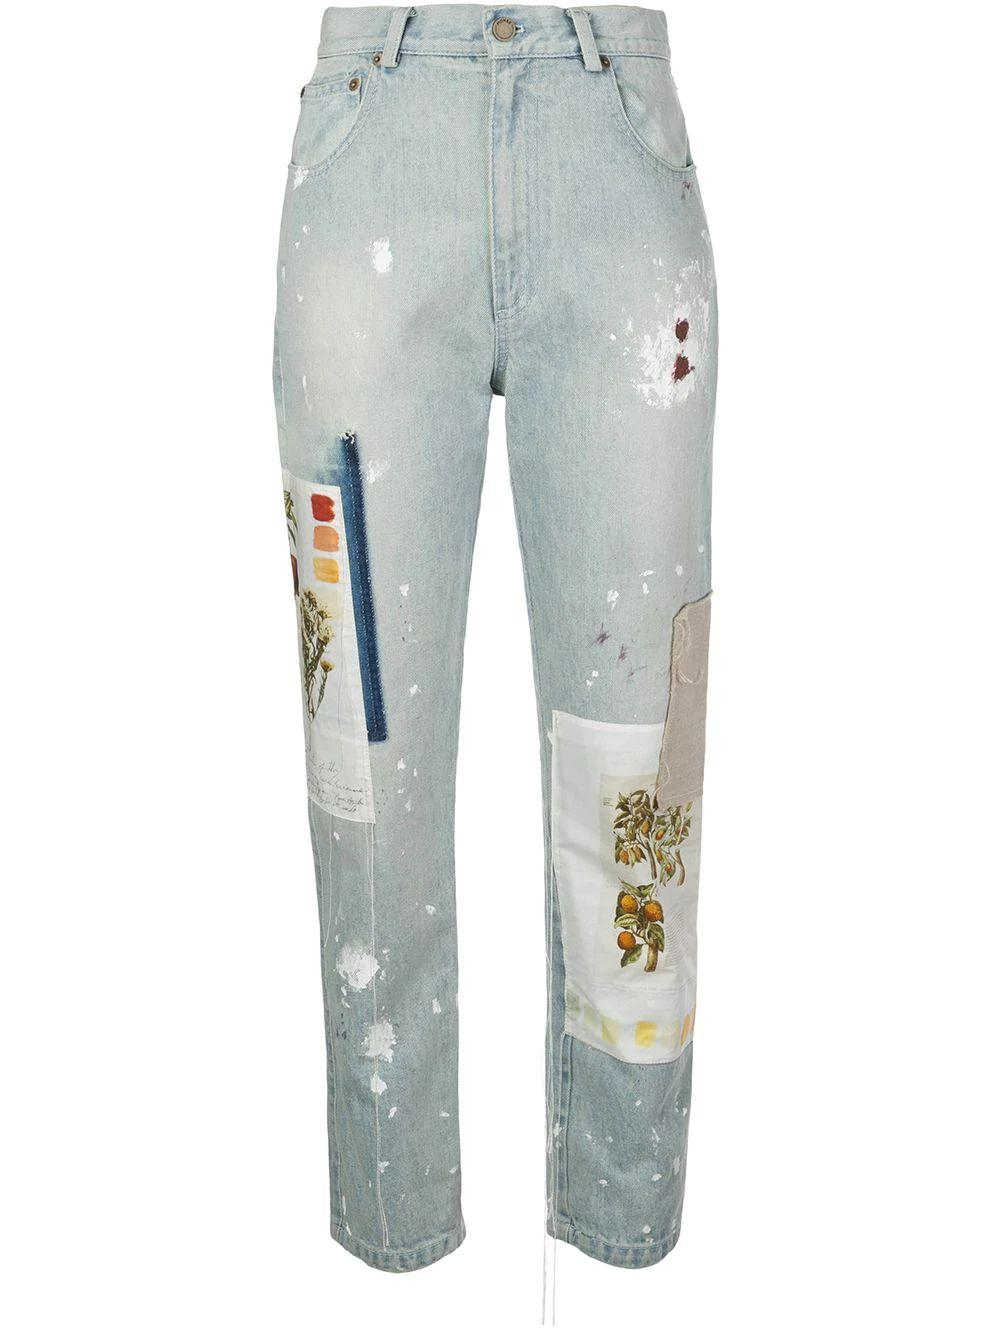 Paint Splatter Botanical Patch Jeans Item # MS200717DNM